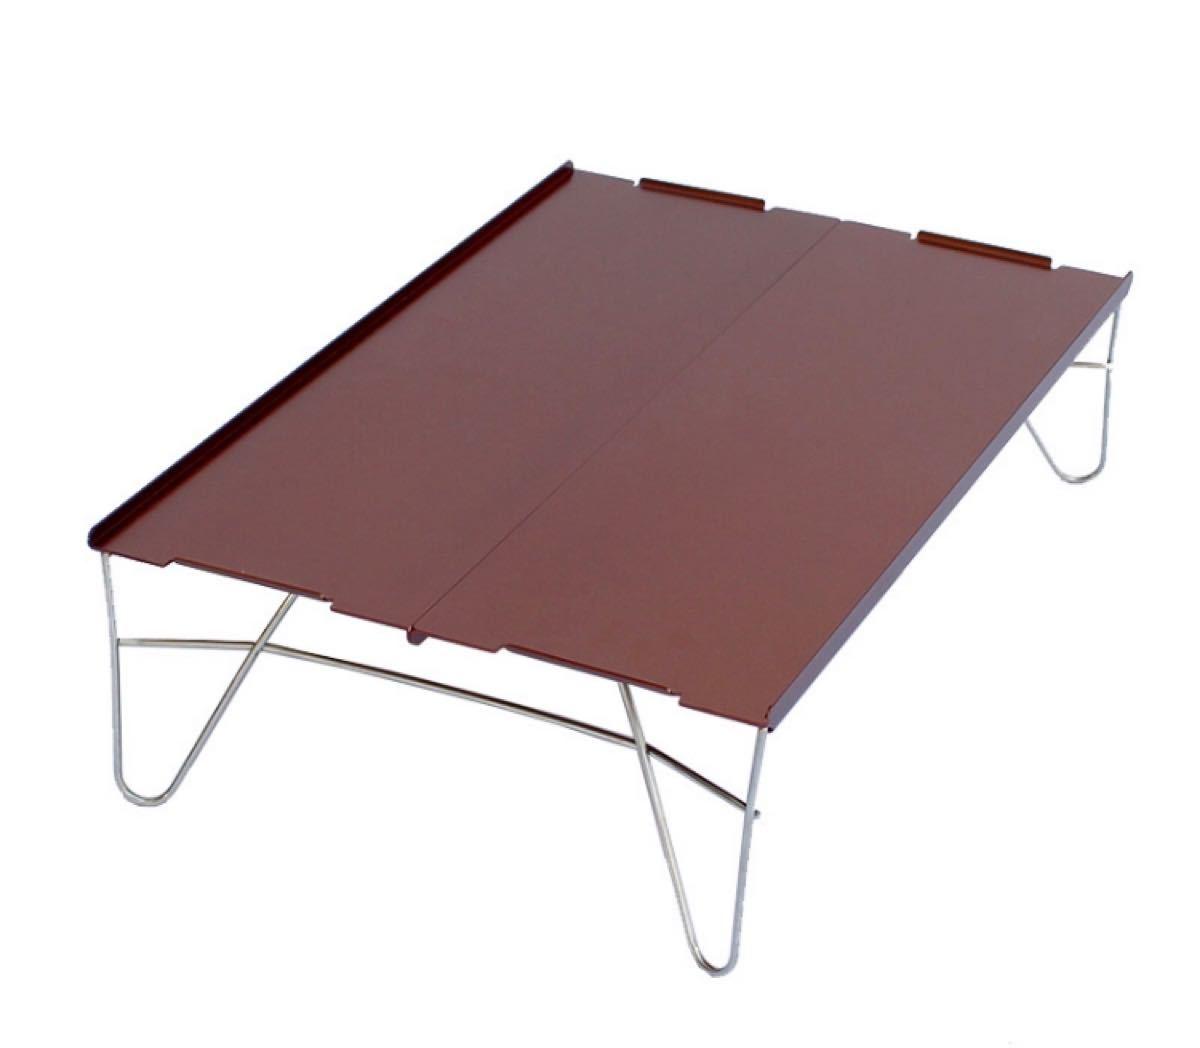 テーブル アルミ製 アウトドアテーブル ブラウン 組み立て 超軽量 折りたたみ ミニテーブル コンパクト 収納袋